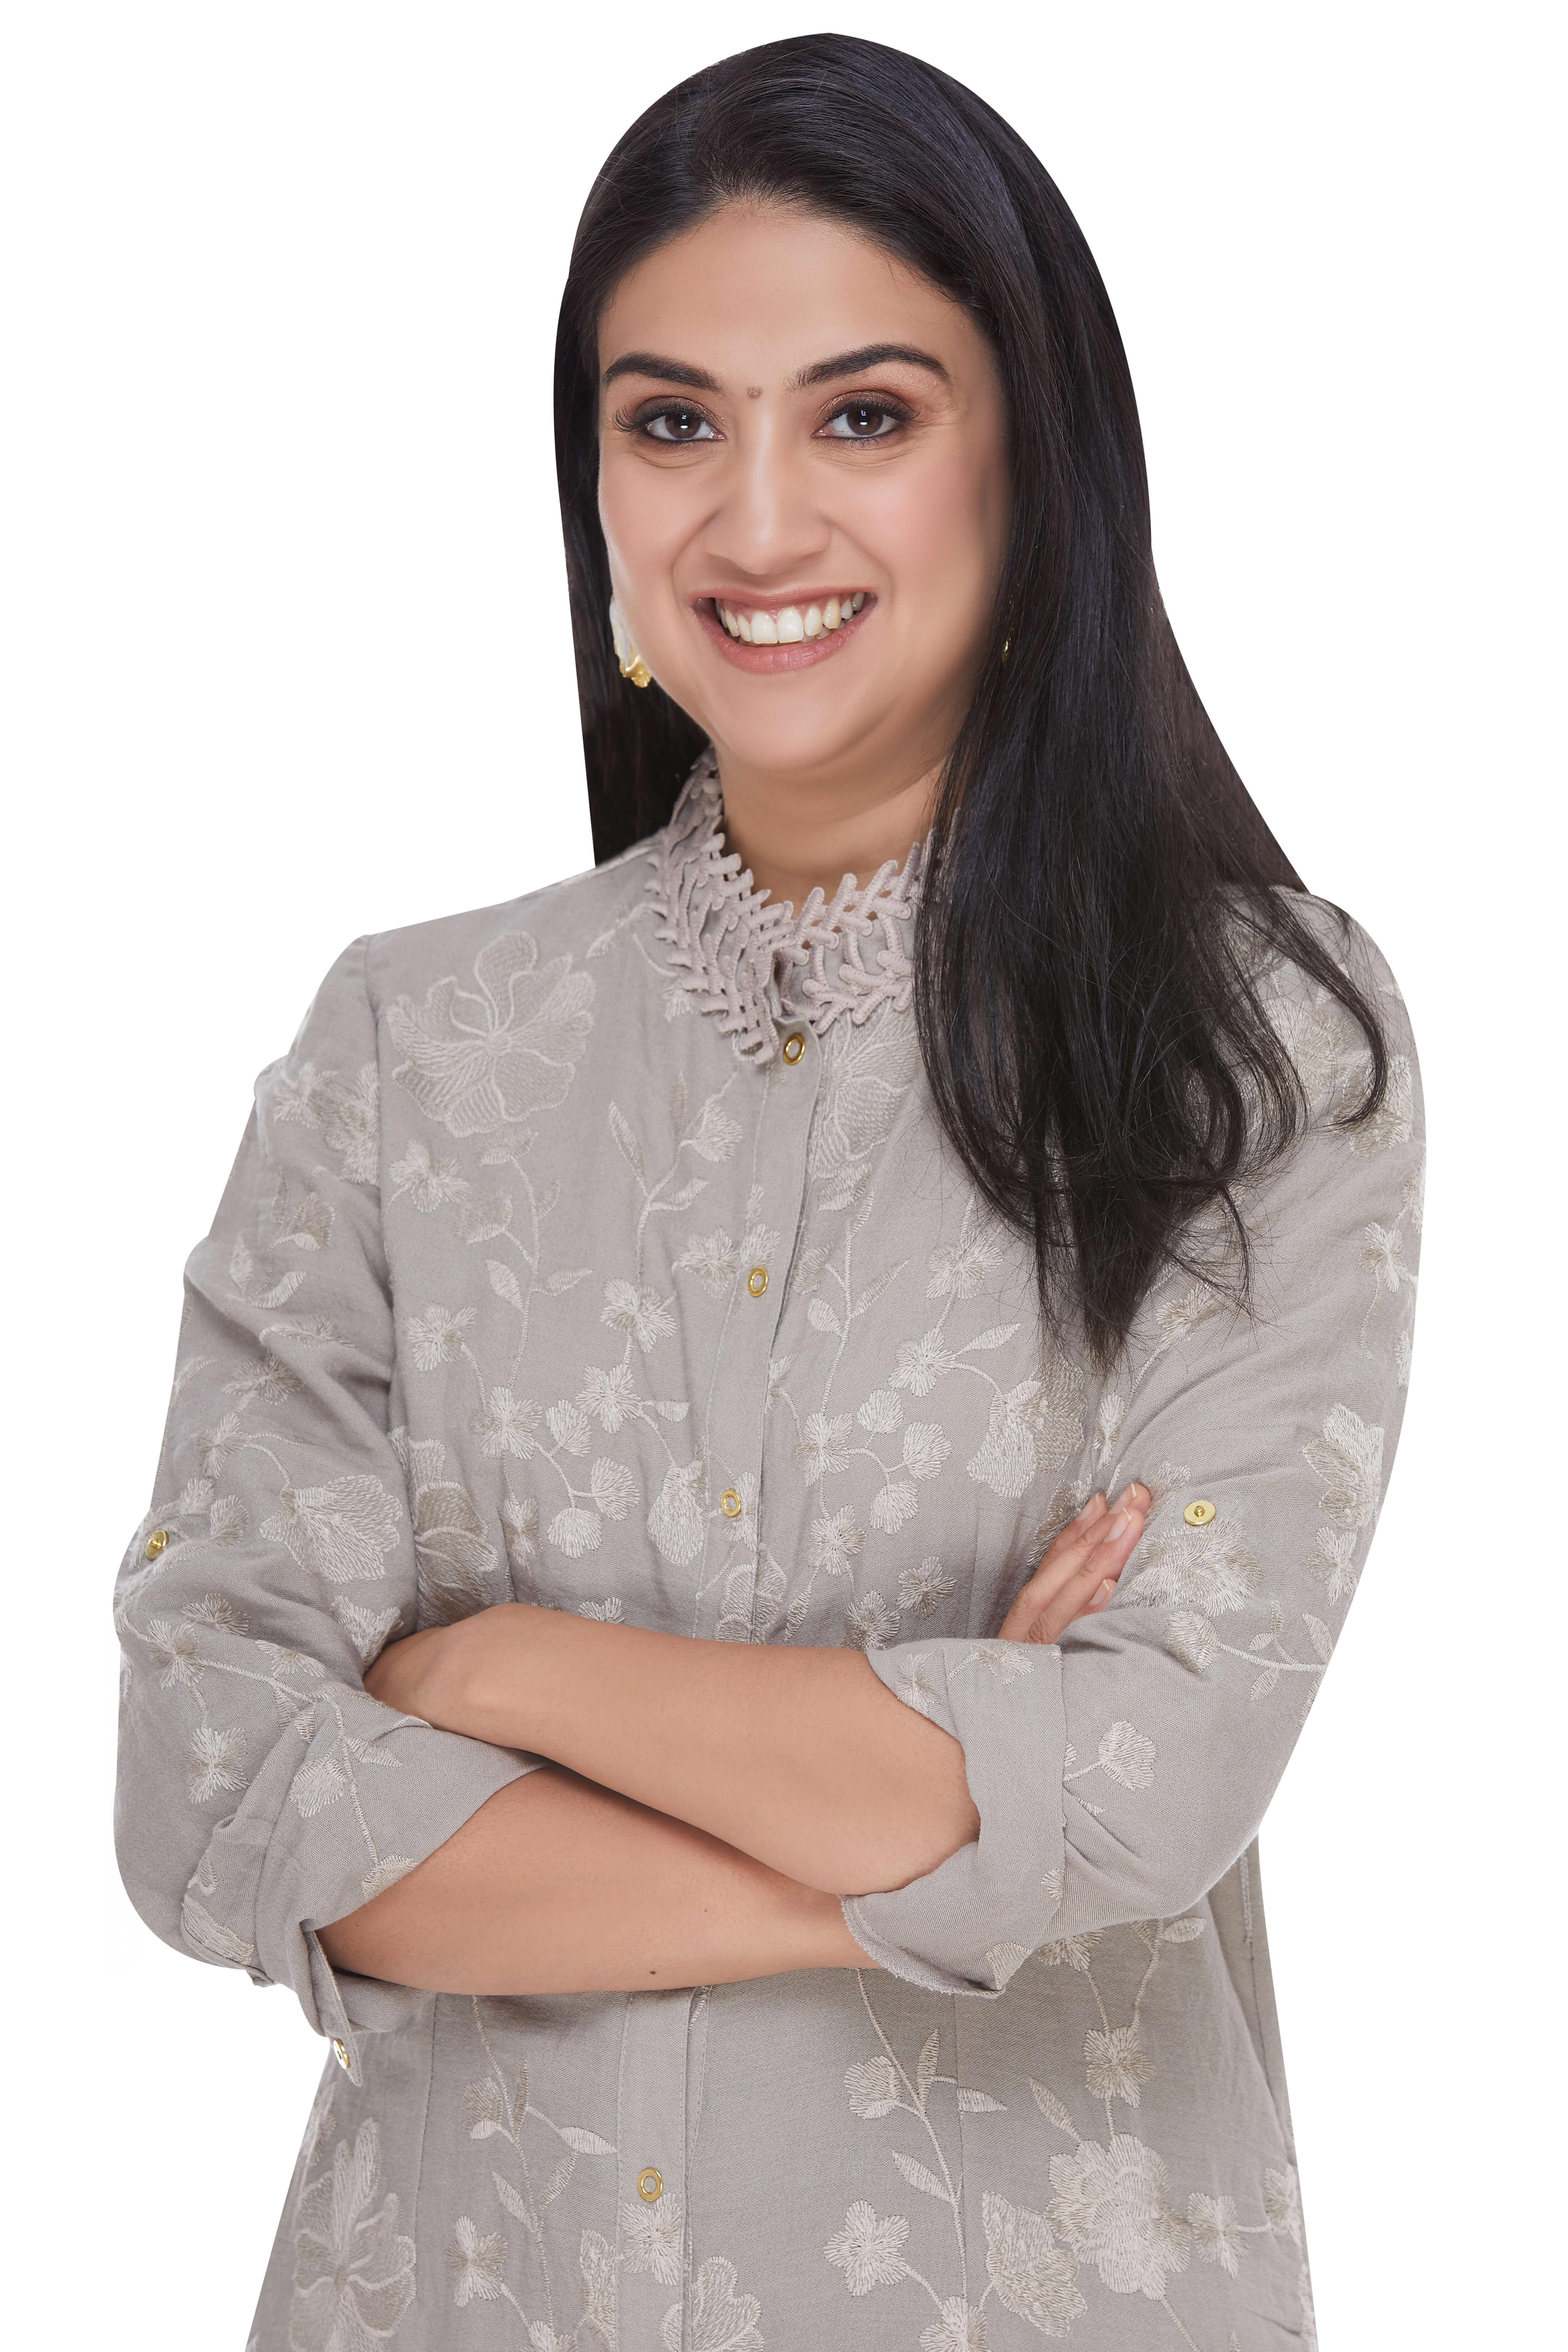 Priyanka Nishar